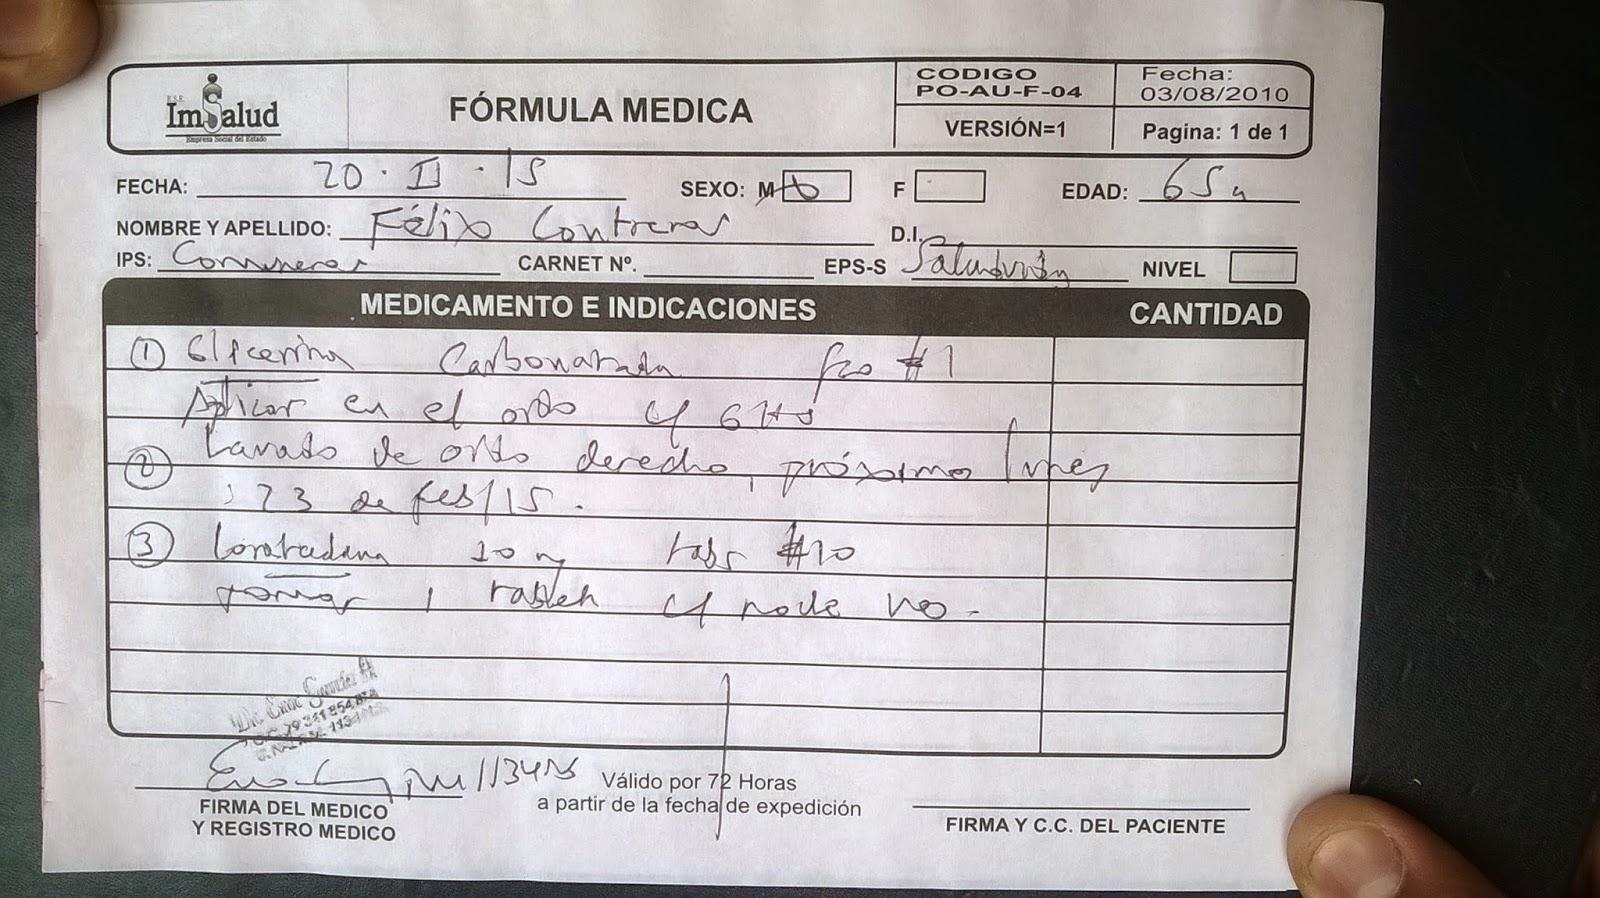 En cuidados intensivos sistema de salud subsidiado en Colombia: Ni glicerina carbonatada ni lavado de oído para adulto mayor